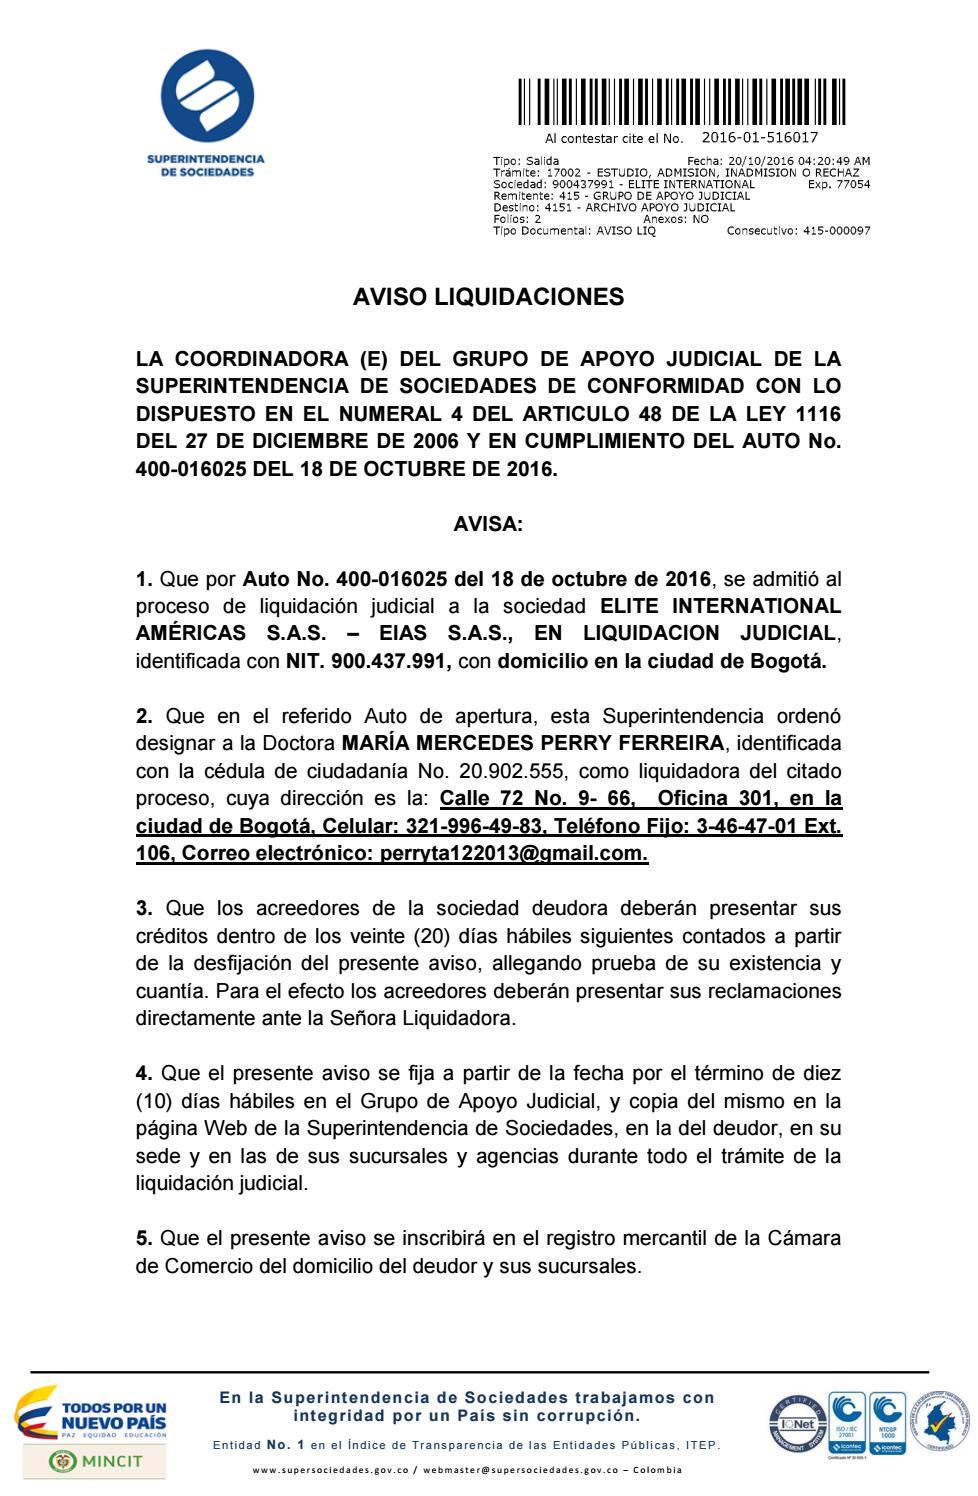 Aviso Liquidación by ELITE INTERNATIONAL AMERICAS NIT: 900437991-5 ...